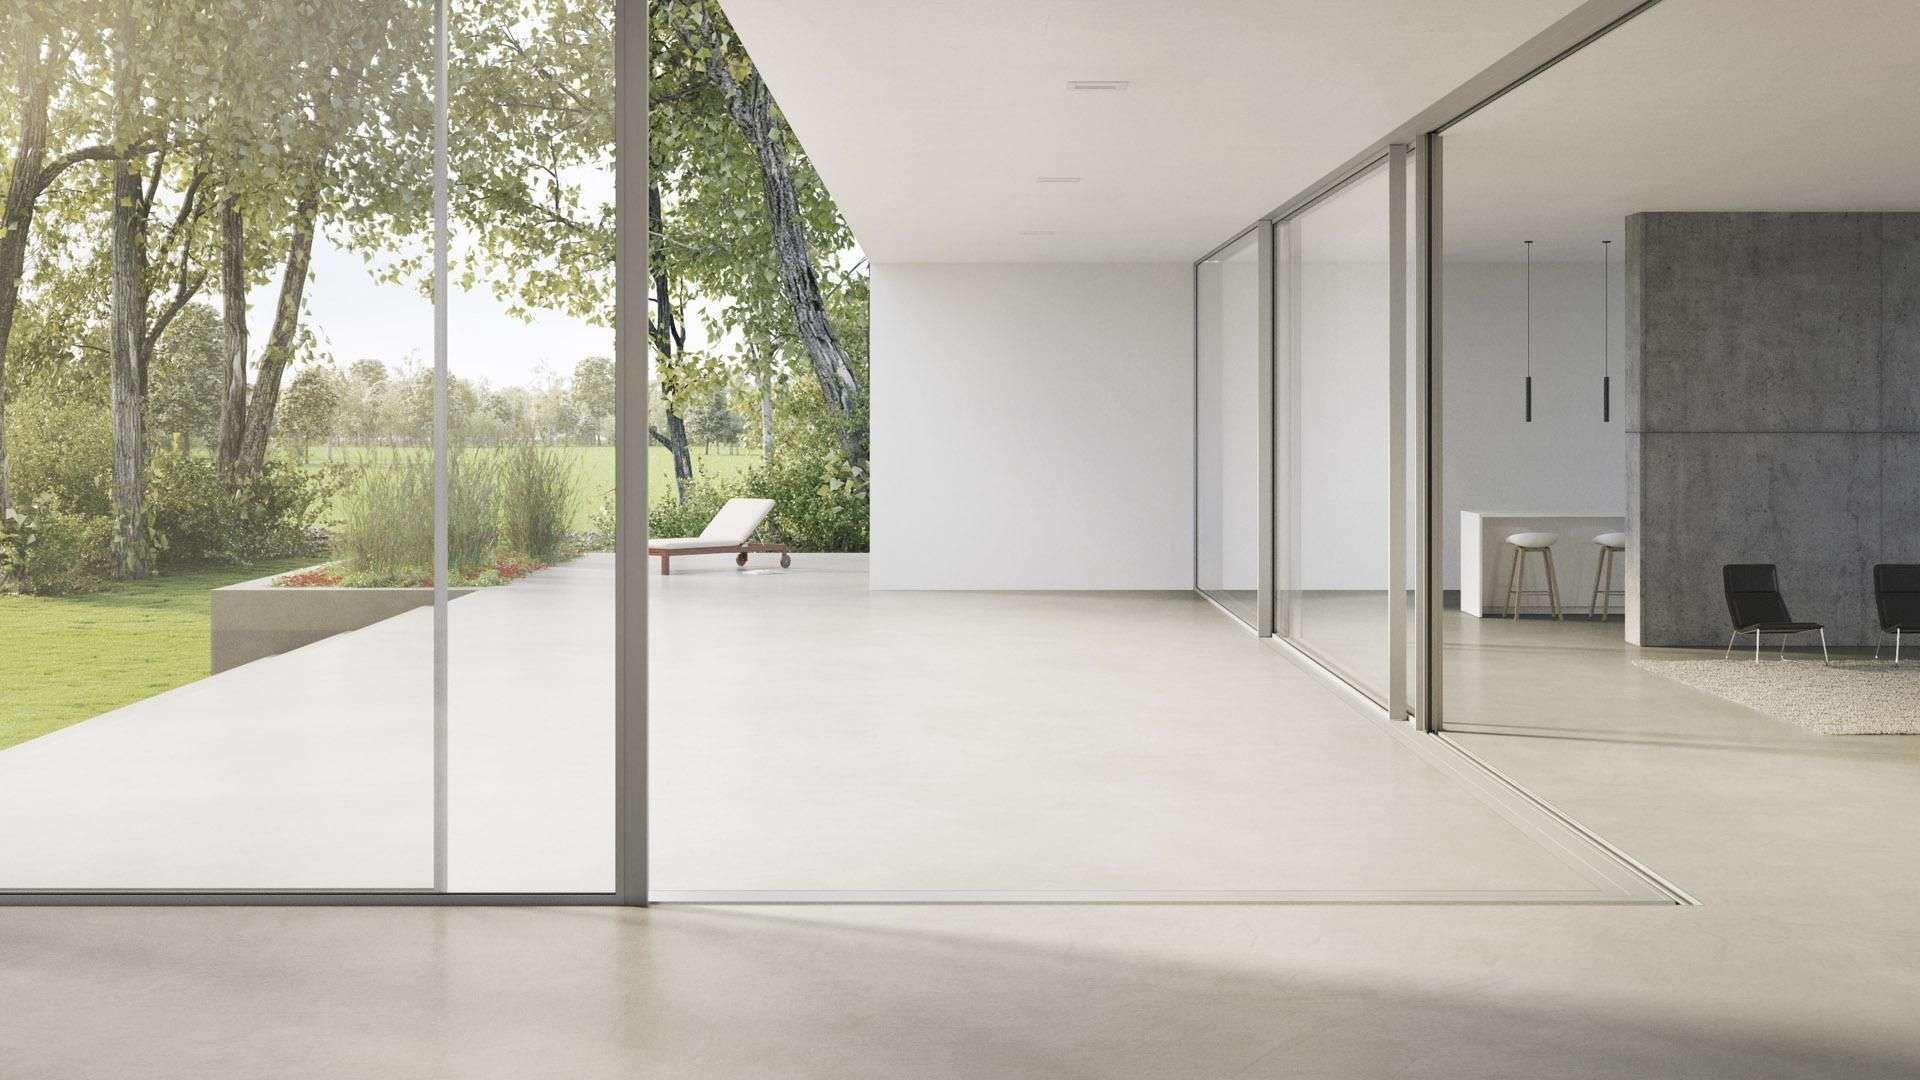 geöffnetes cero Schiebefenster mit Blick auf helle Terrasse und Garten